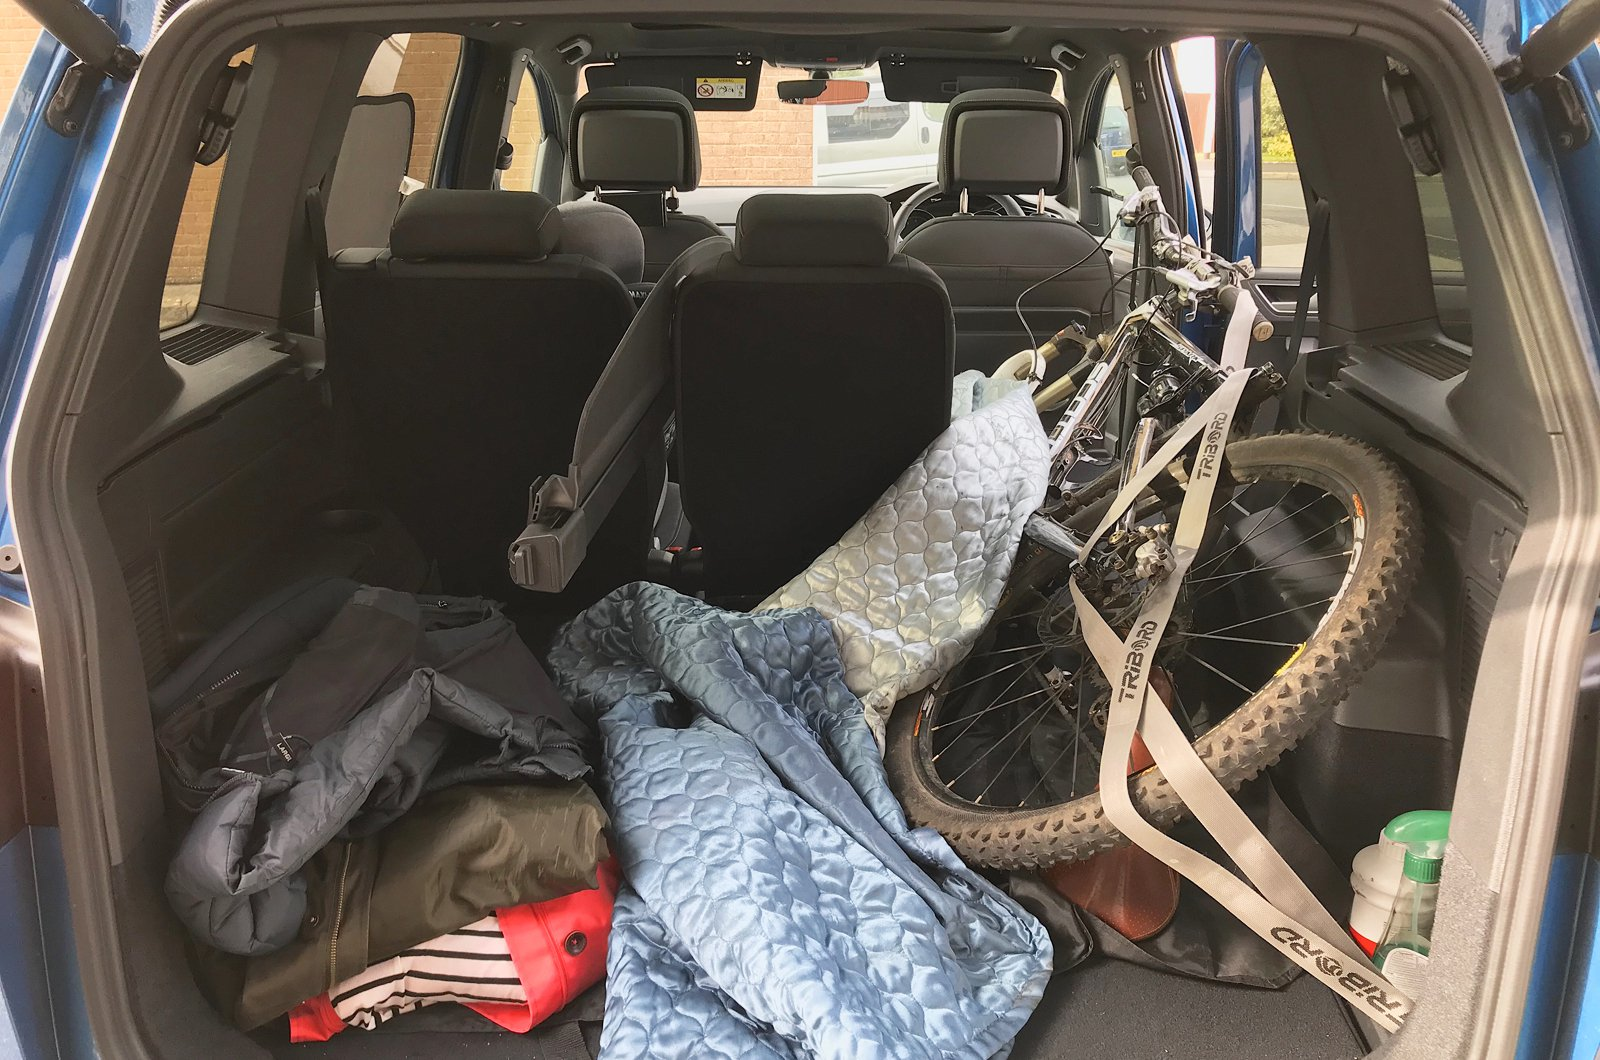 LT Volkswagen Touran with mountain bike in boot